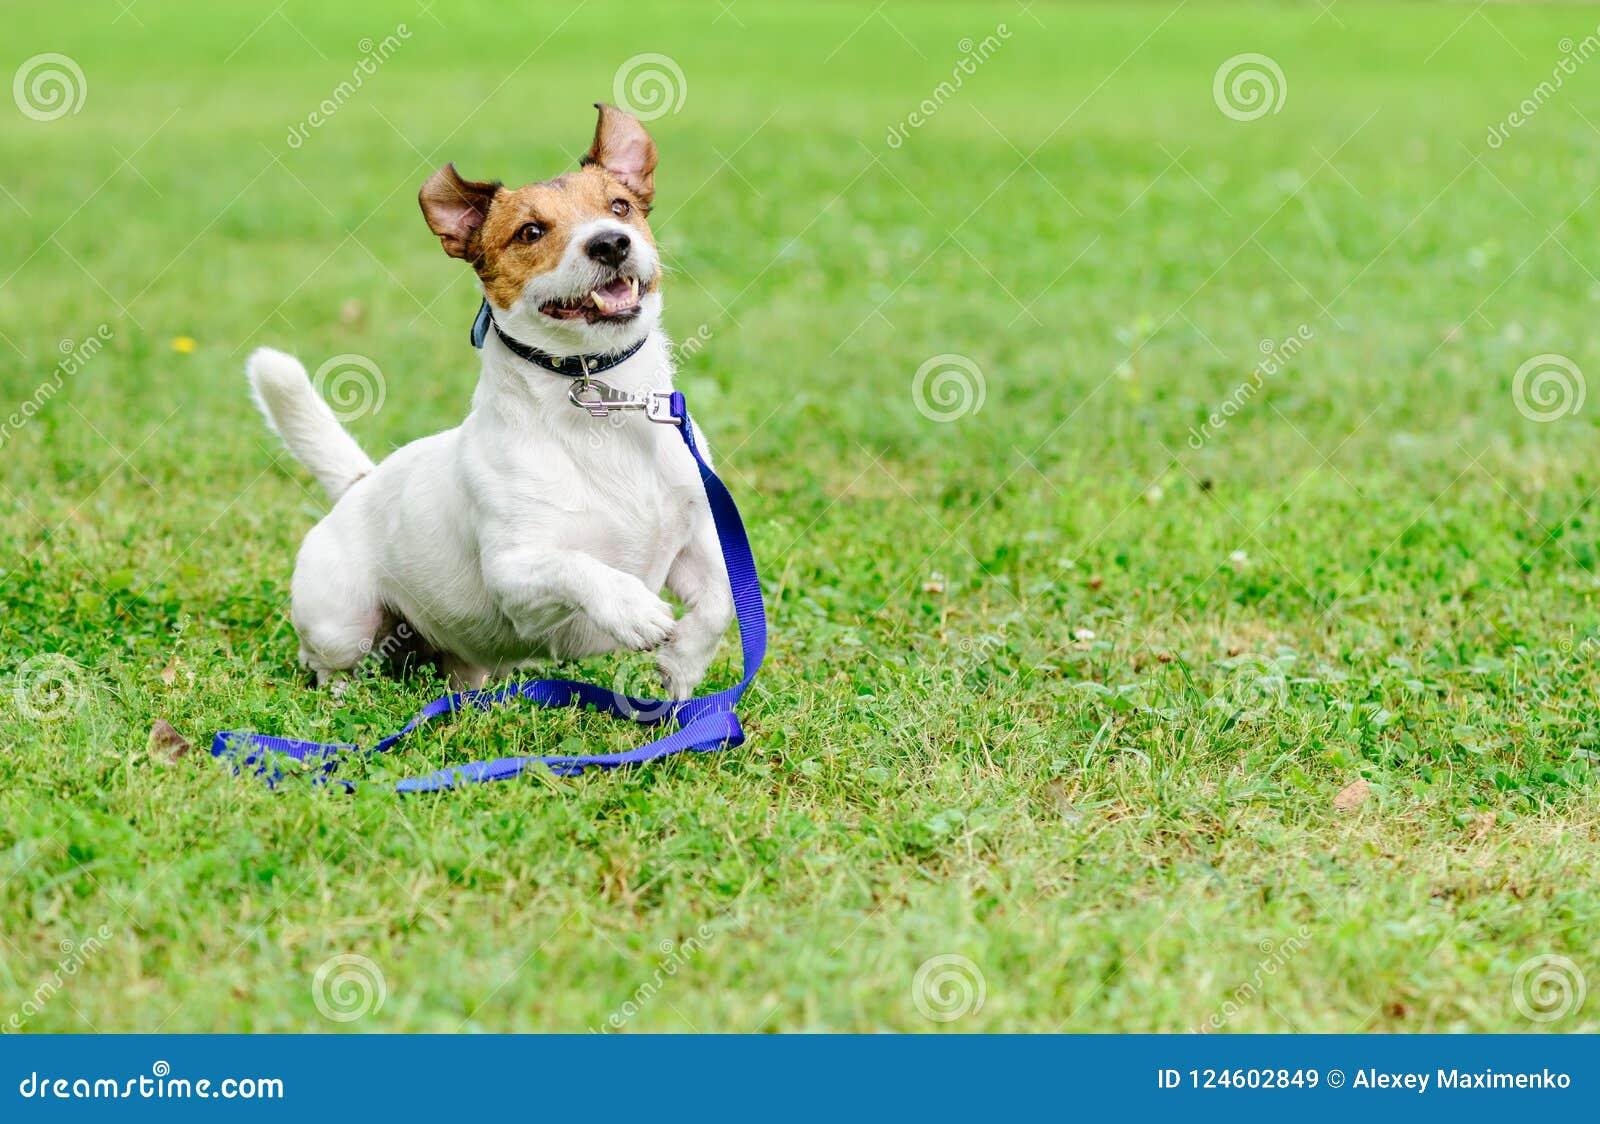 Adotti un concetto dell animale domestico con funzionamento felice ed emozionante del cane con il guinzaglio su terra